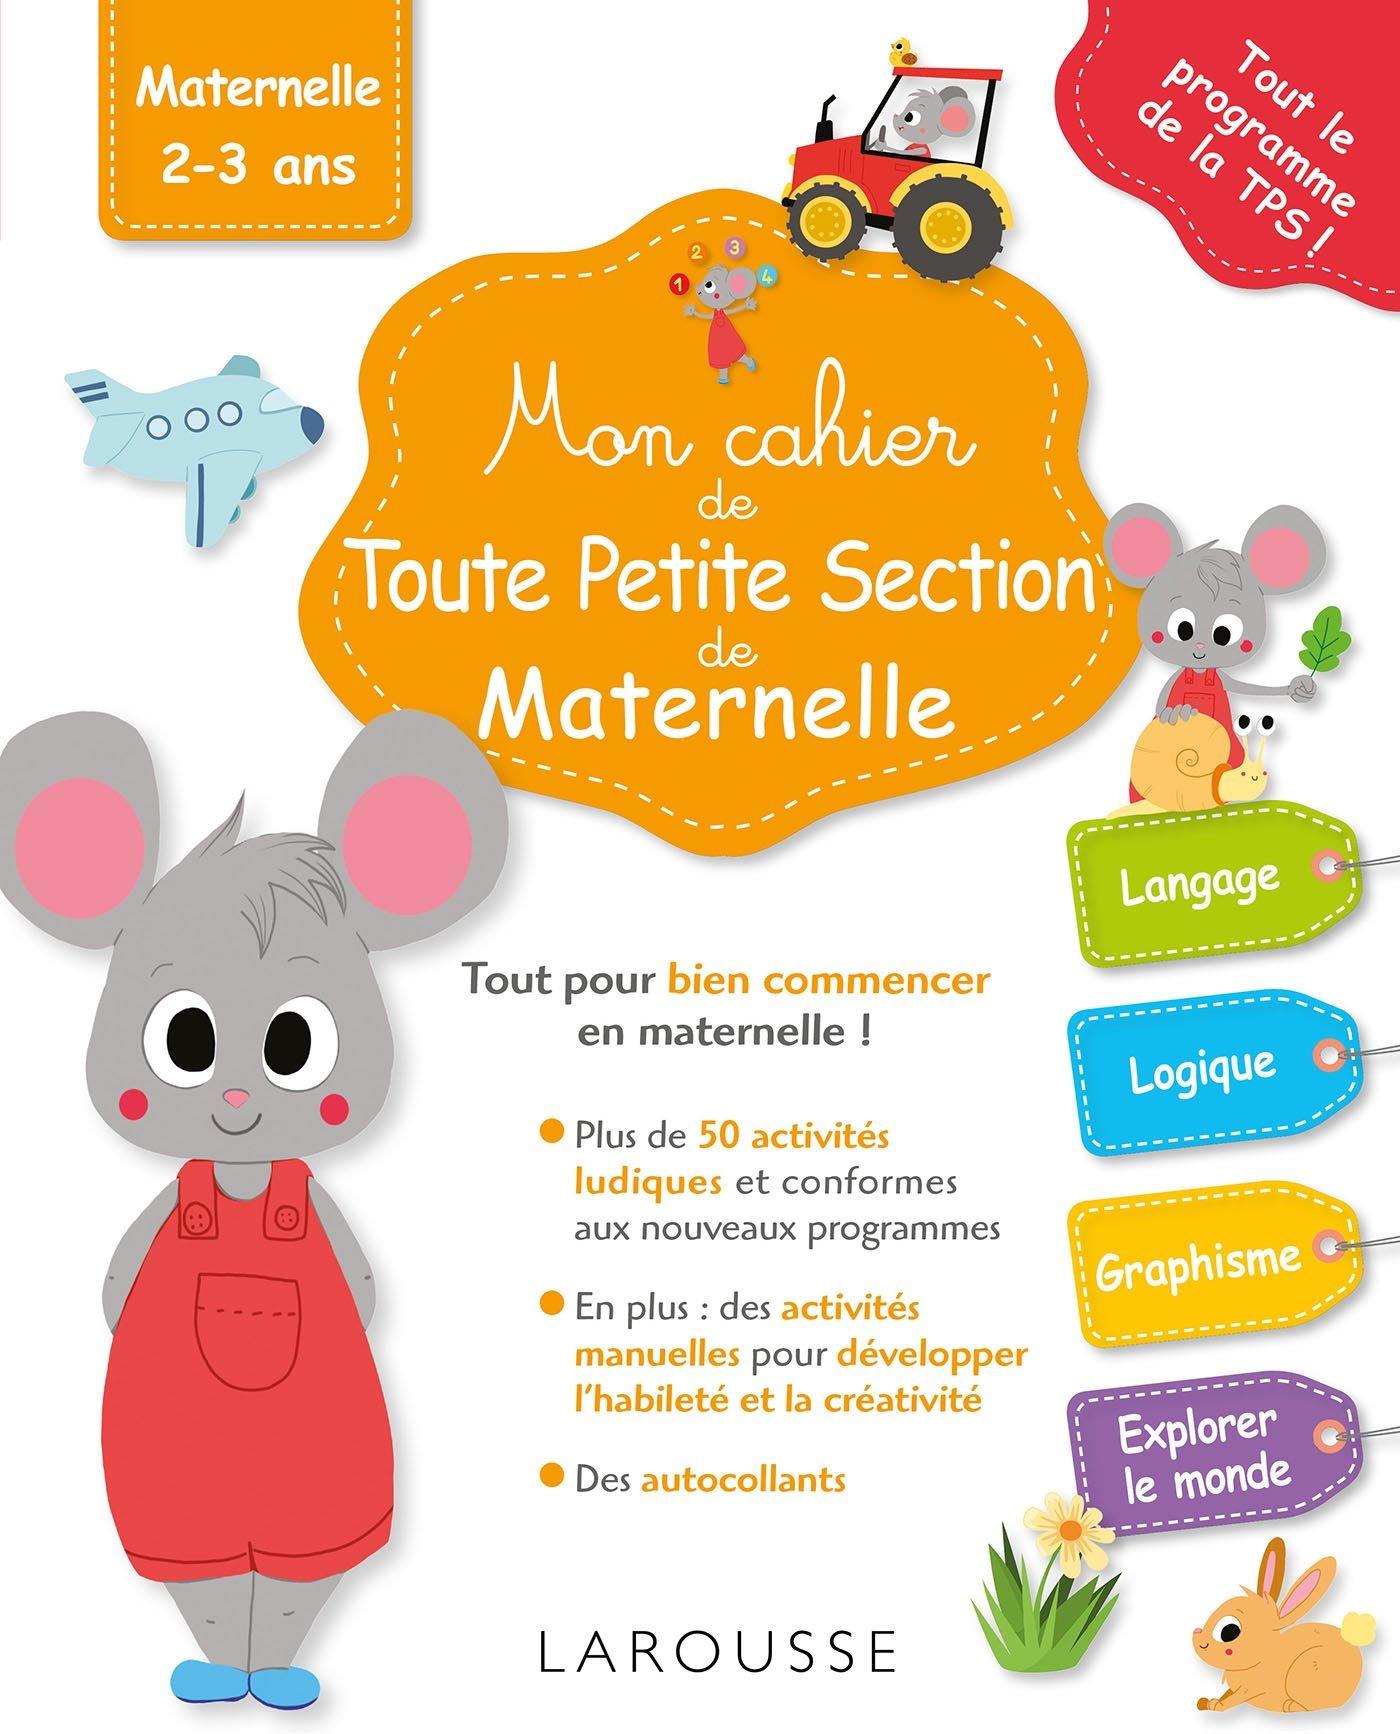 Amazon Fr Mon Cahier De Toute Petite Section De Maternelle Hasiak Lucille Livres